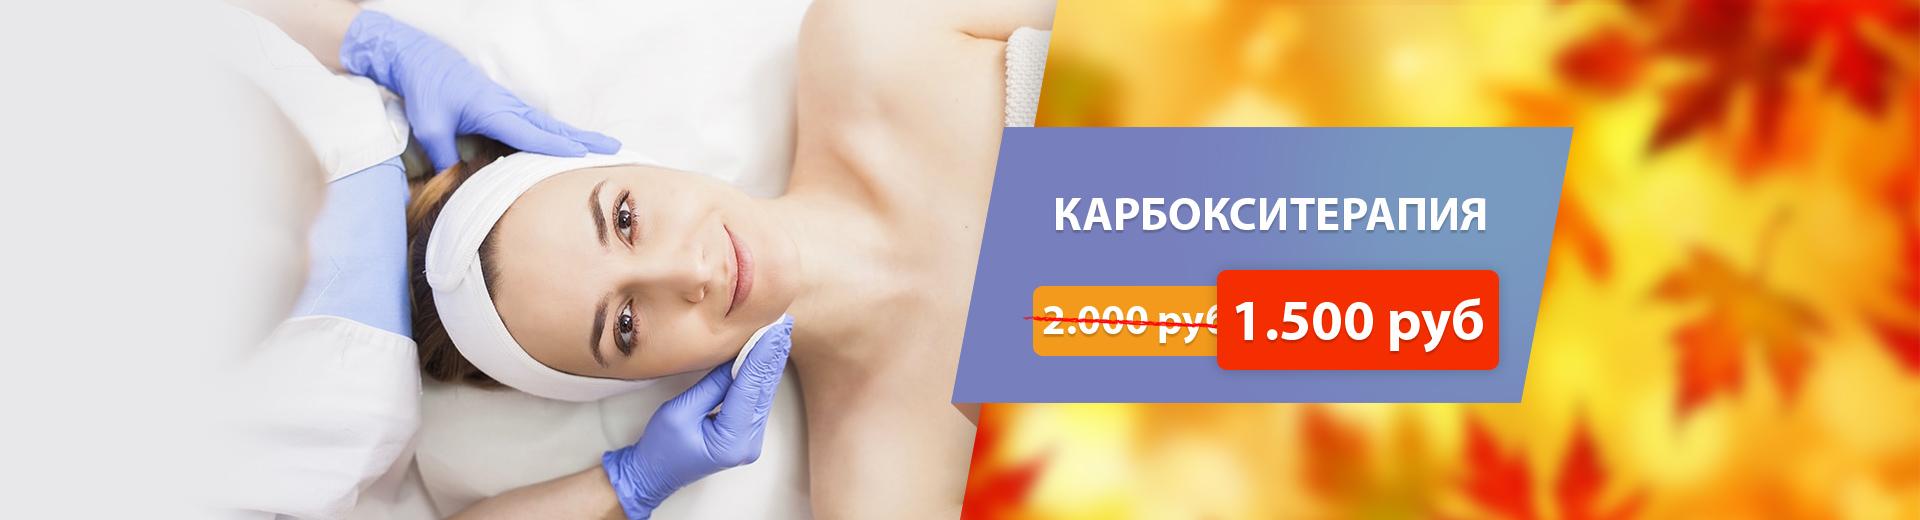 Карбокситерапия со скидкой